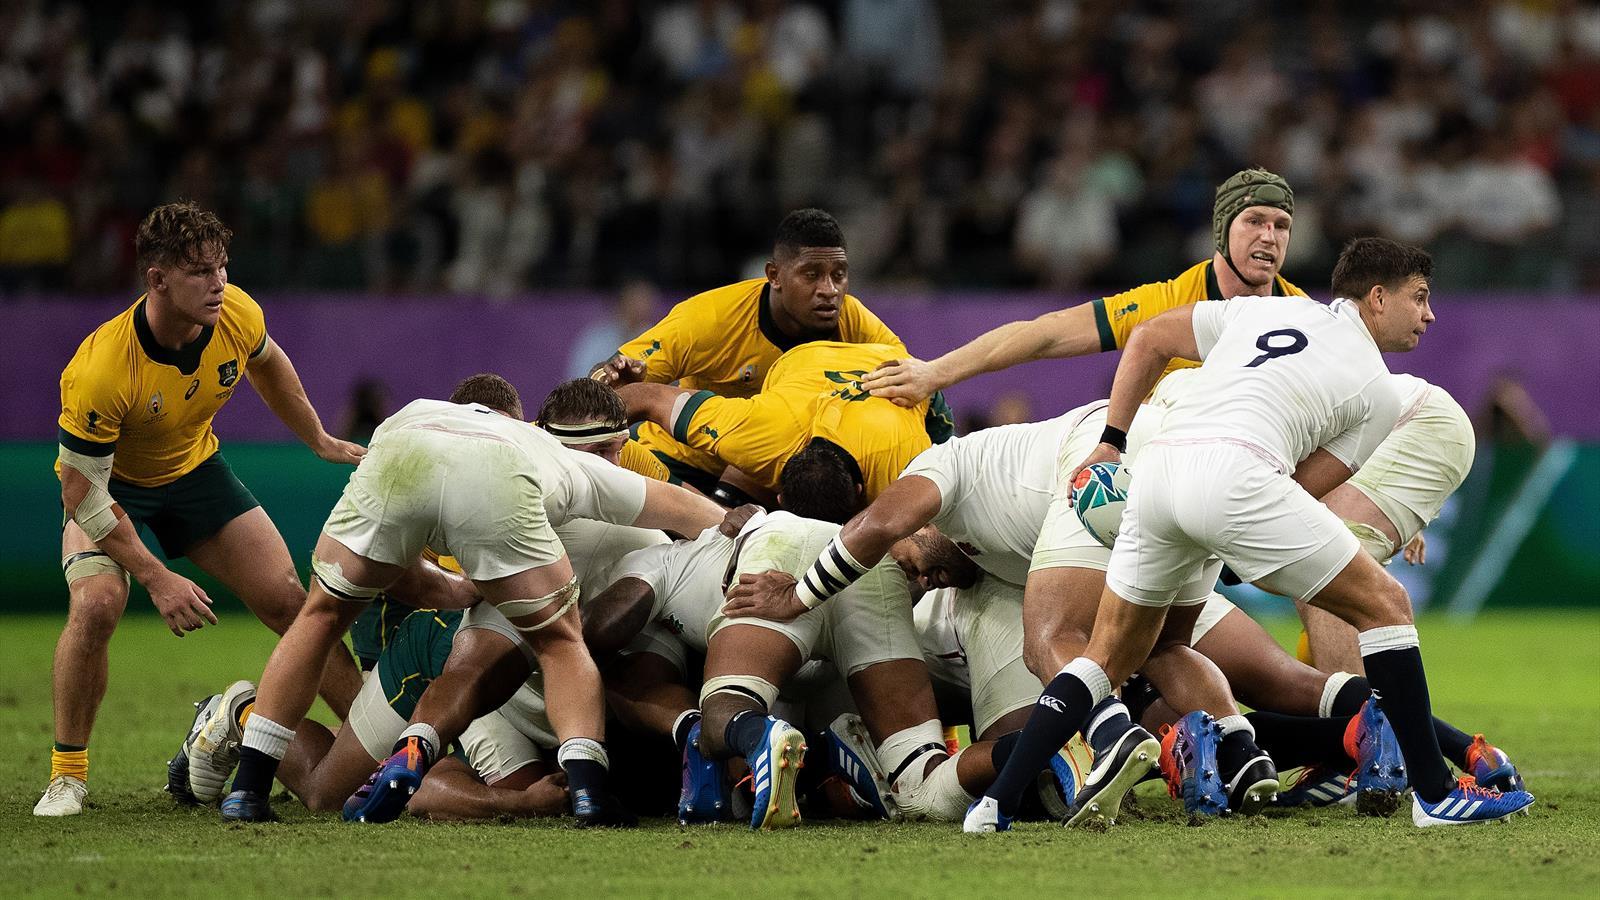 Rugby Wm 2021 übertragung Deutschland